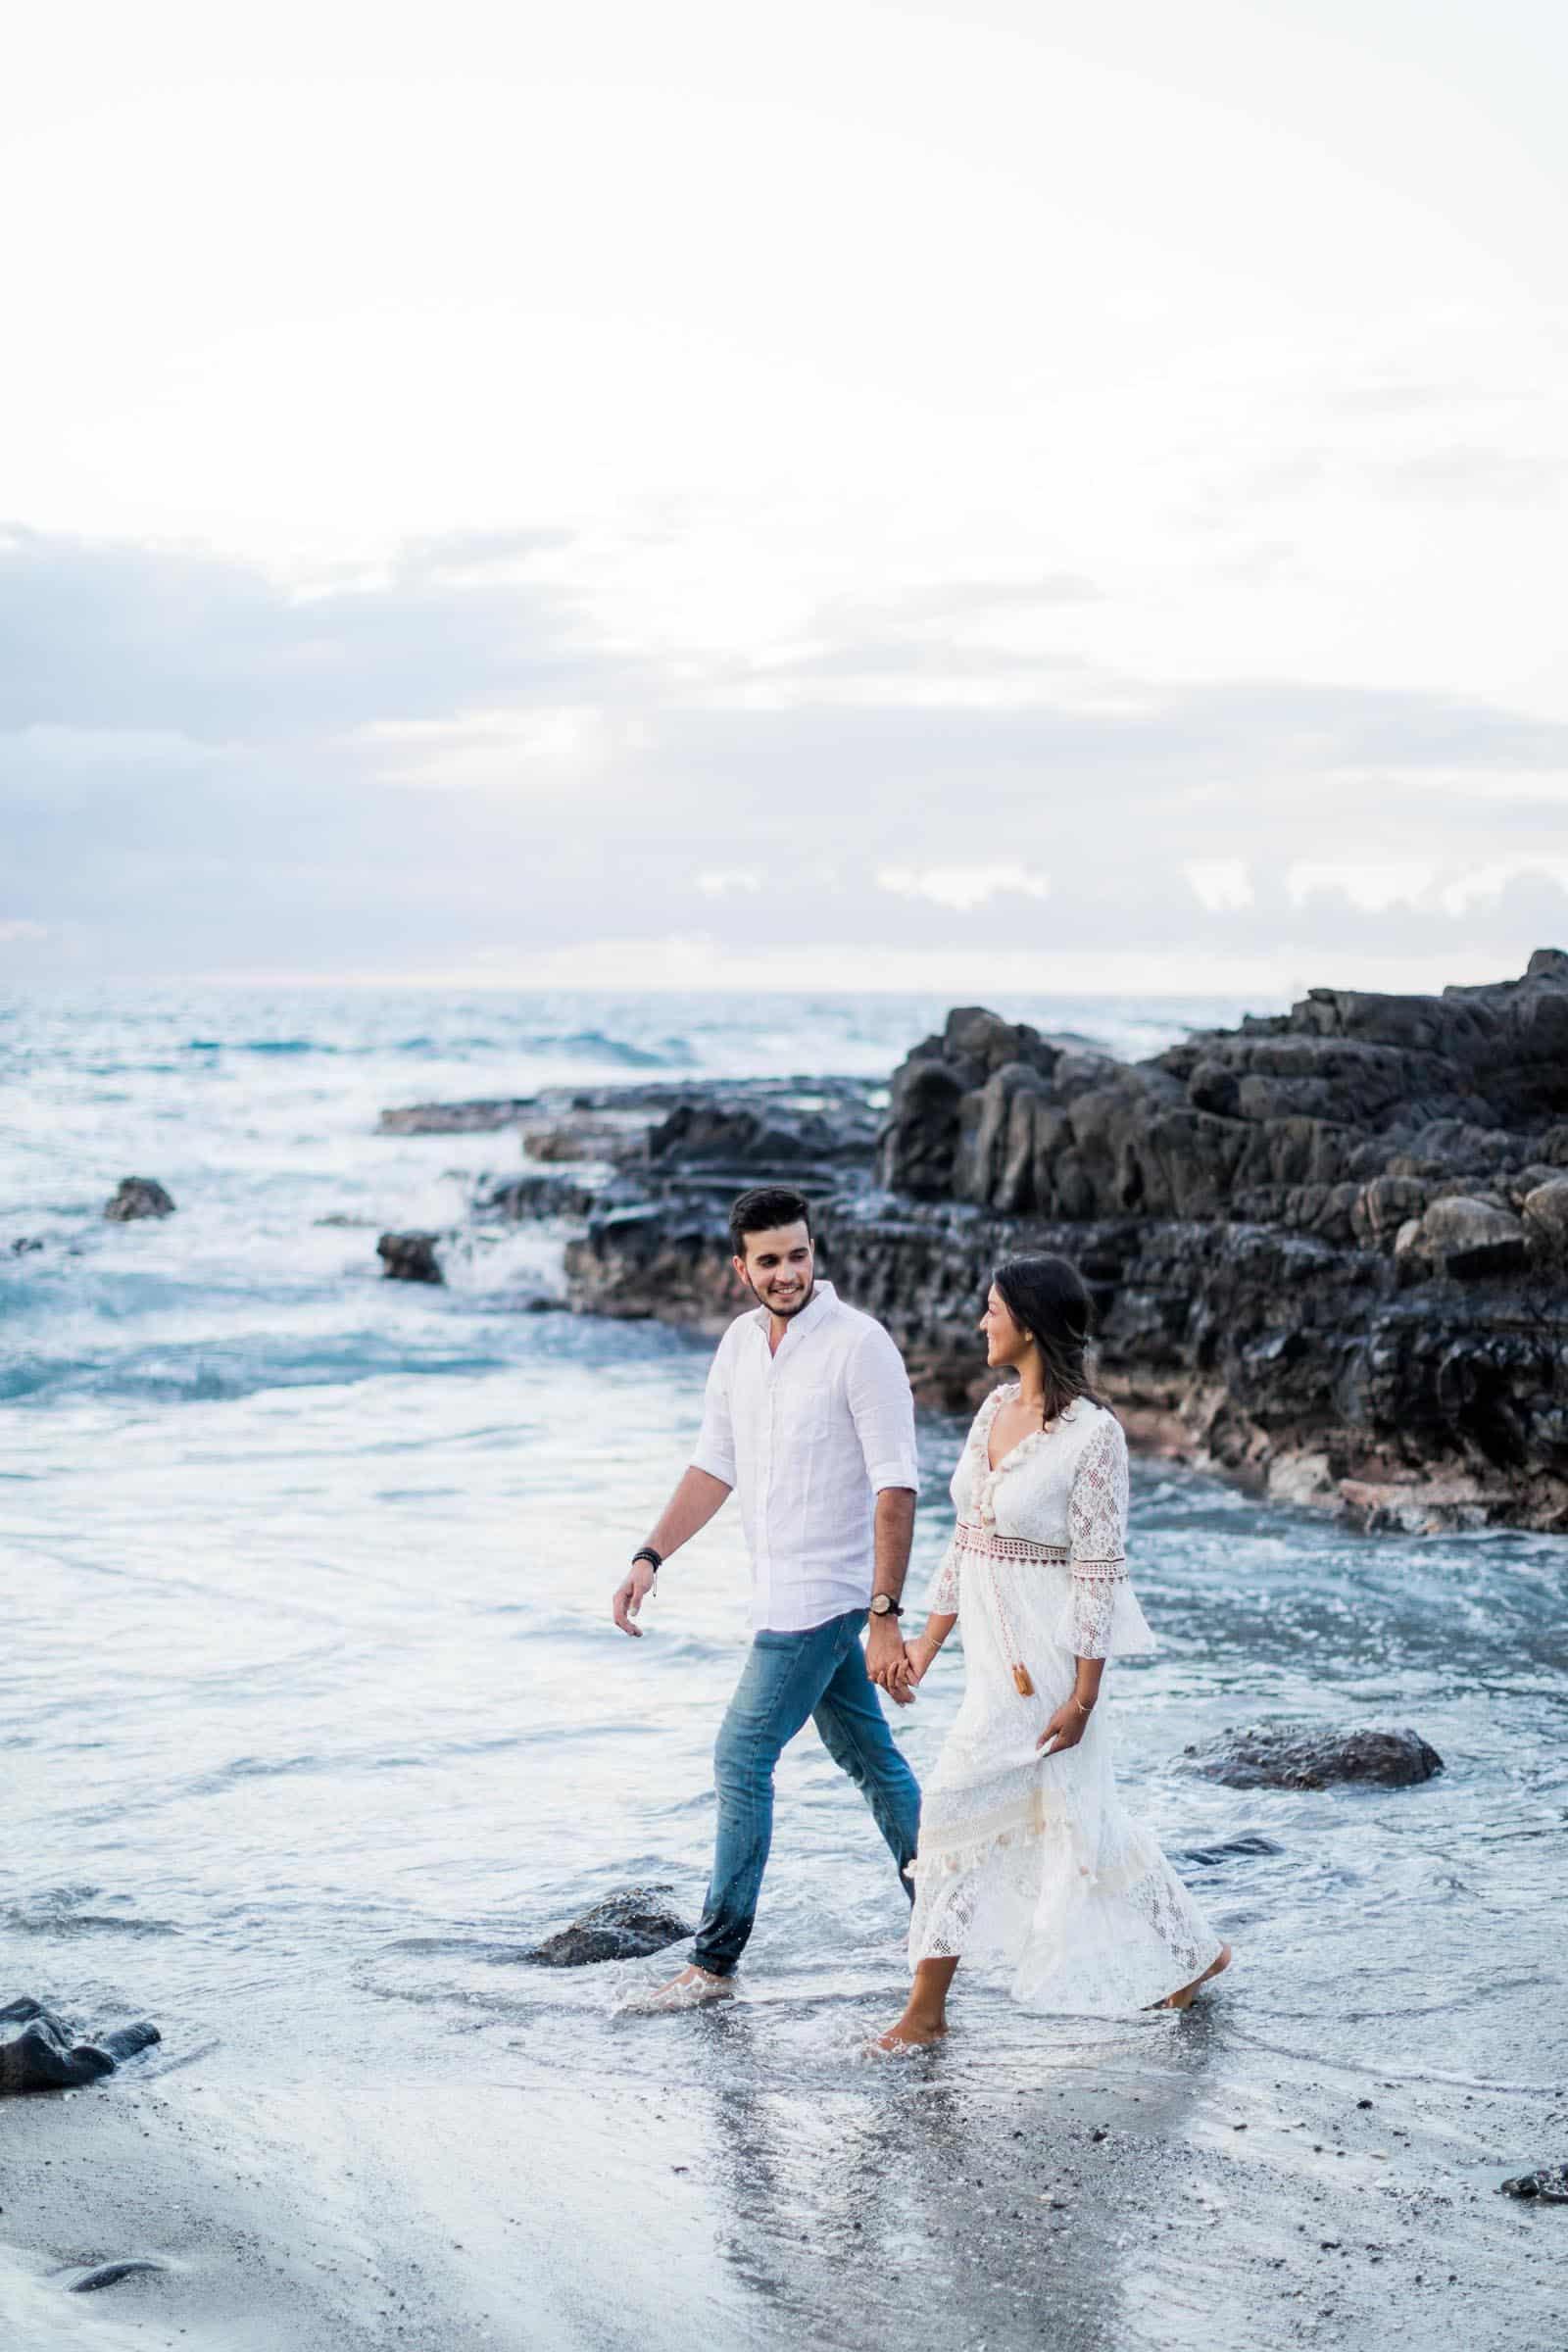 Photographie de Mathieu Dété, photographe de couple et famille à Saint-Denis de la Réunion 974, présentant un couple qui marche sur la plage en bord de mer